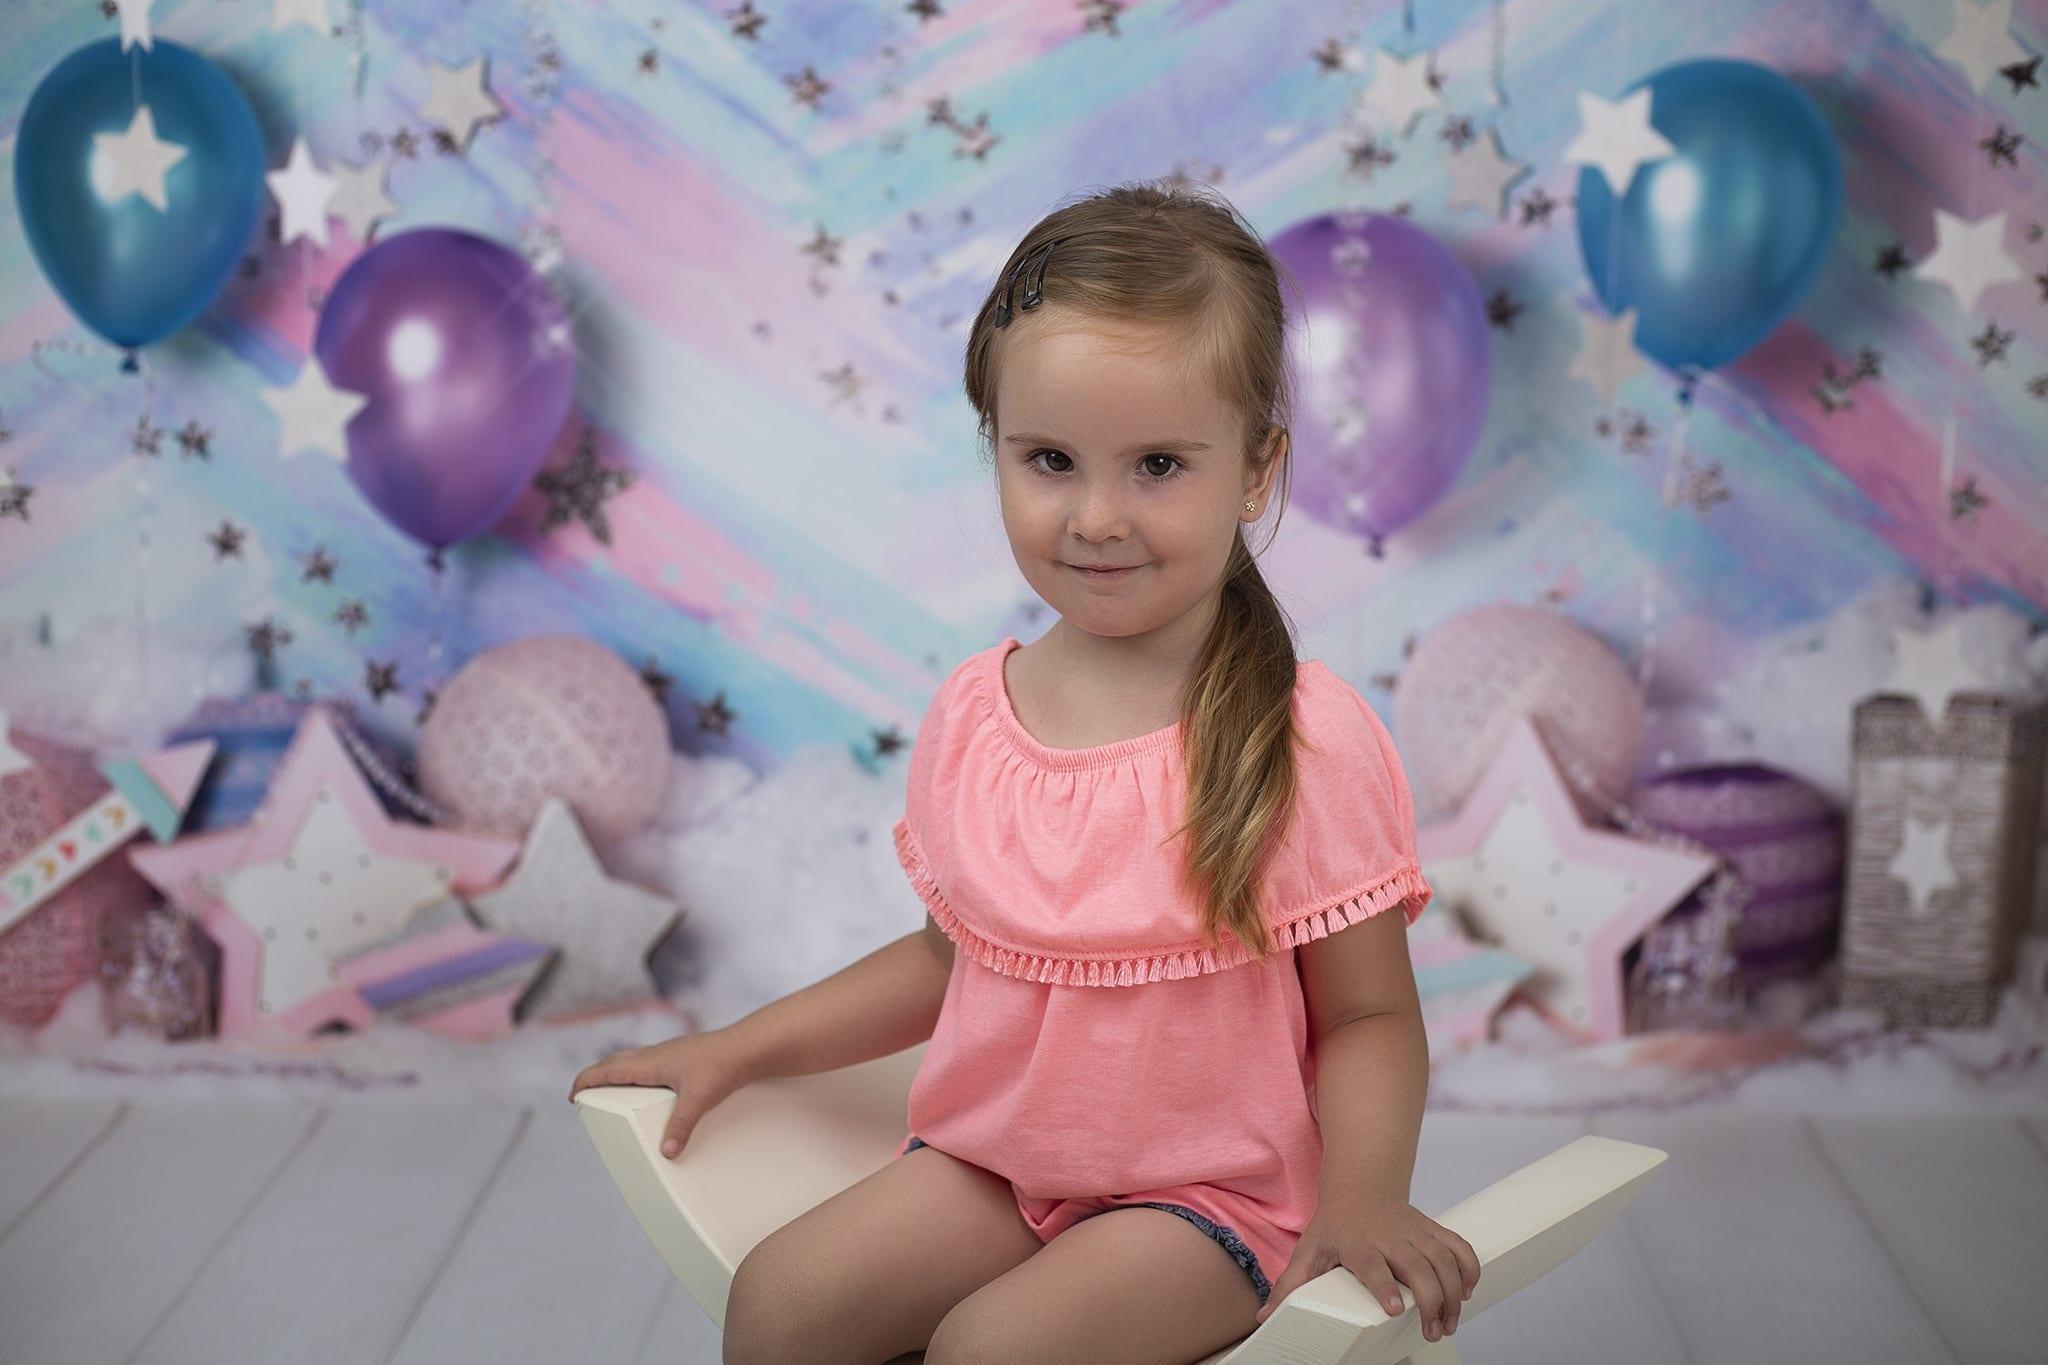 Gyermekfotózás budapesti fotóstúdióban